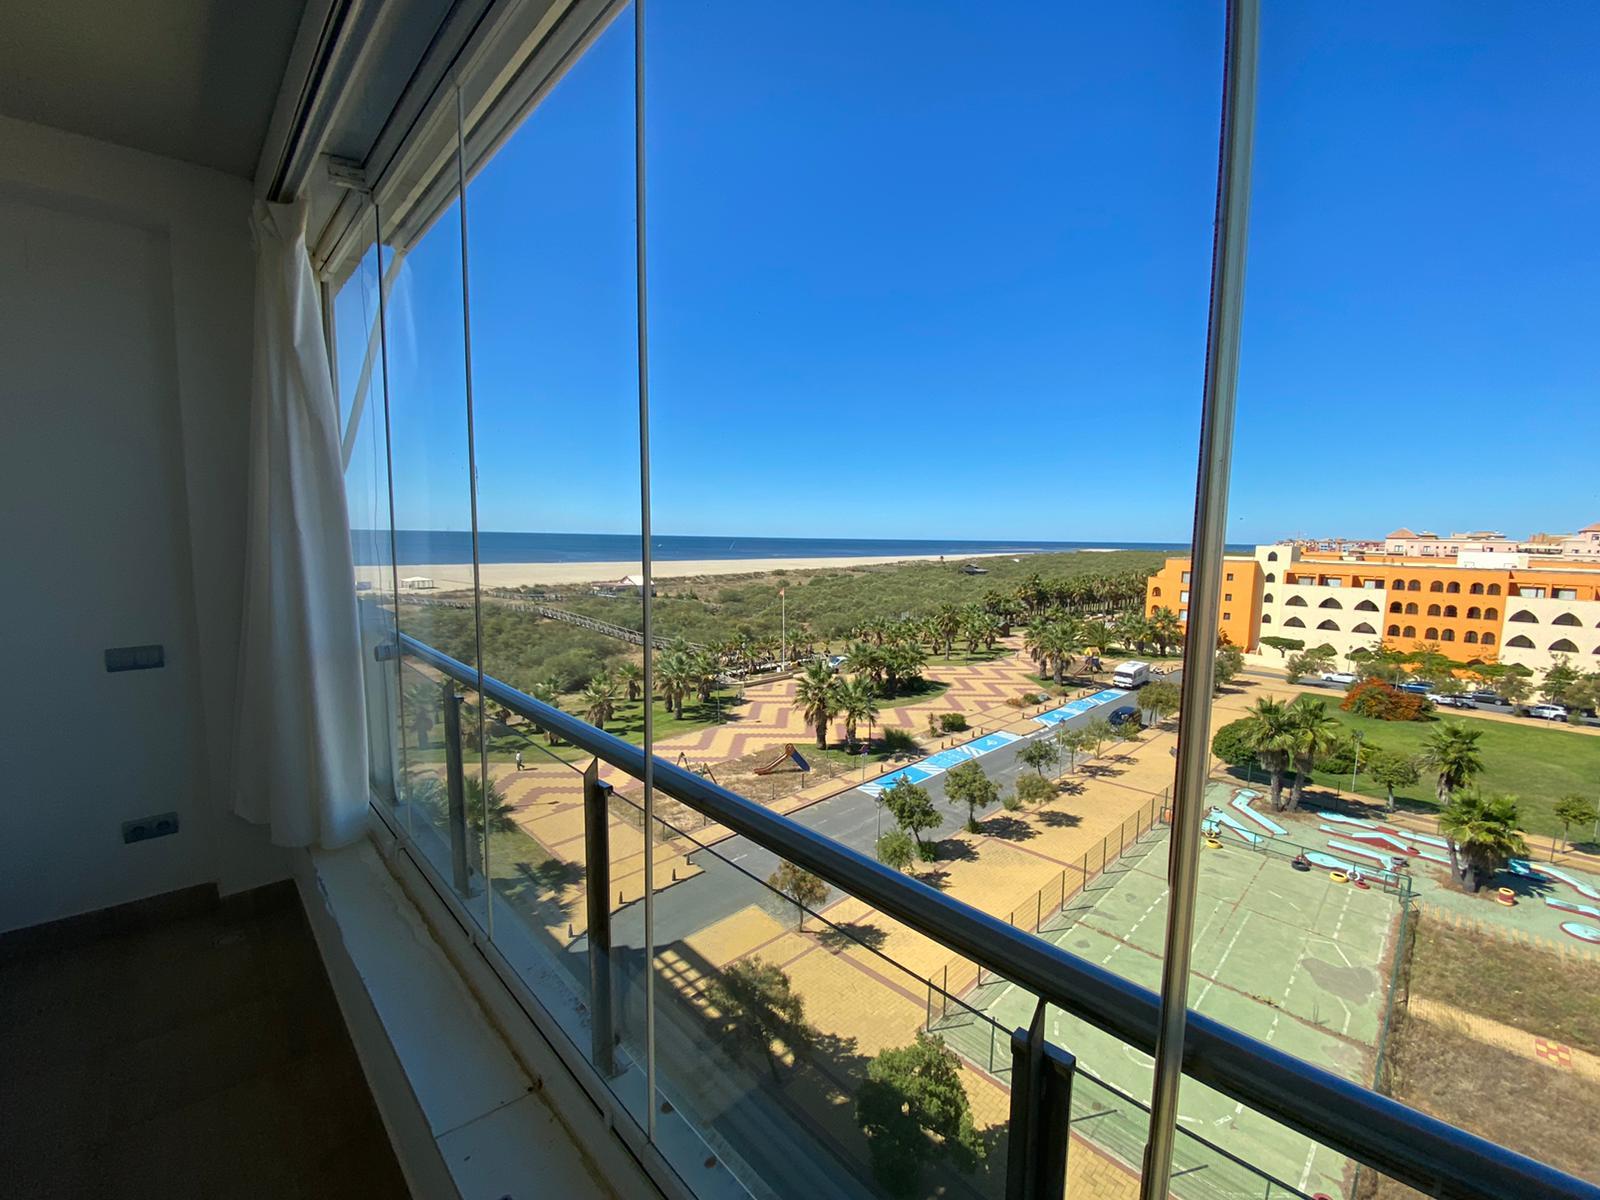 Imagen 2 del Apartamento Turístico, Ático 1 Poniente (3d+2b), Punta del Moral (HUELVA), Paseo de la Cruz nº22